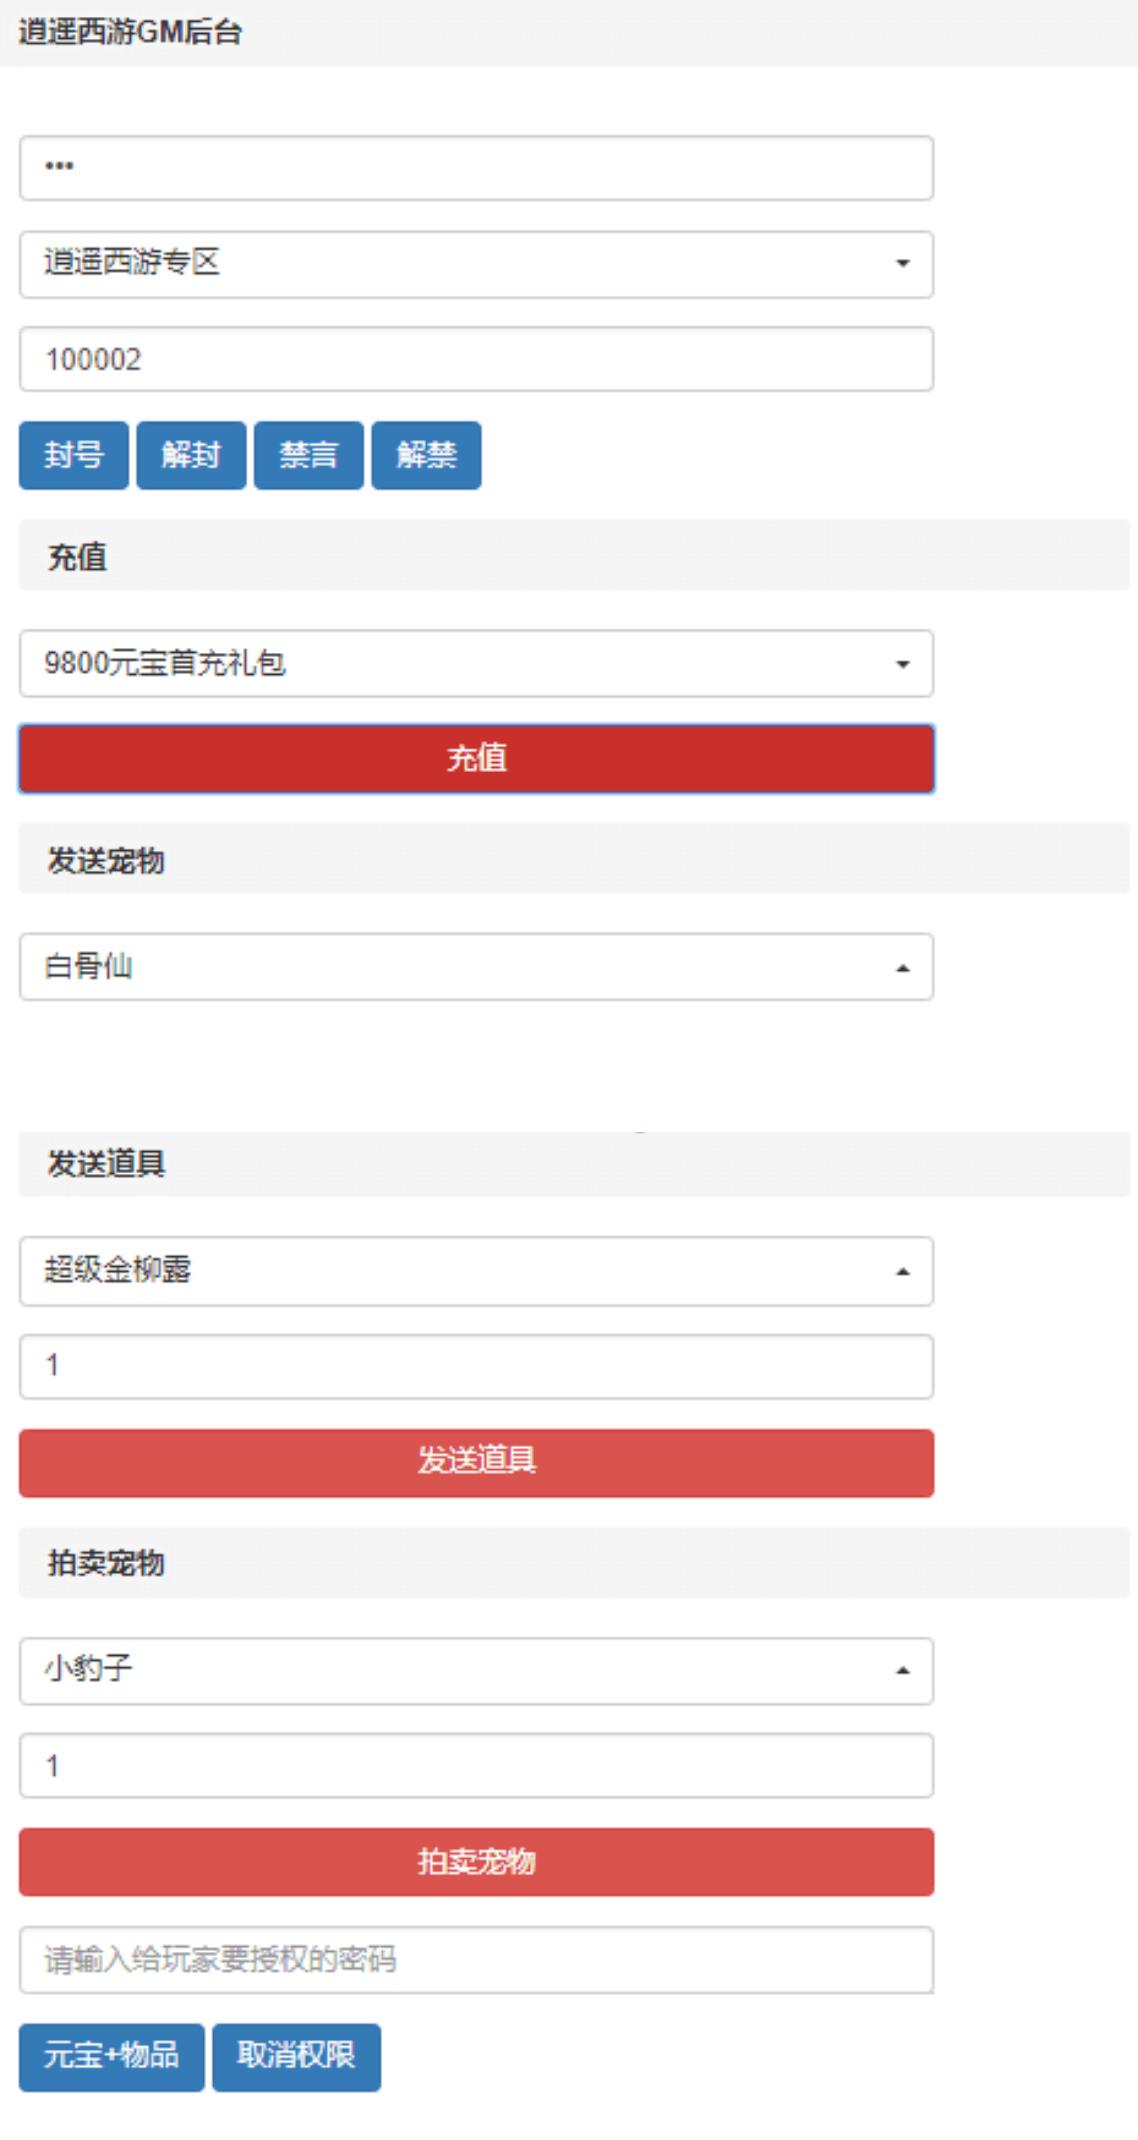 逍遥西游整理修复完整服务端手游源码 带视频教程+单人活动+物品后台-爱资源分享